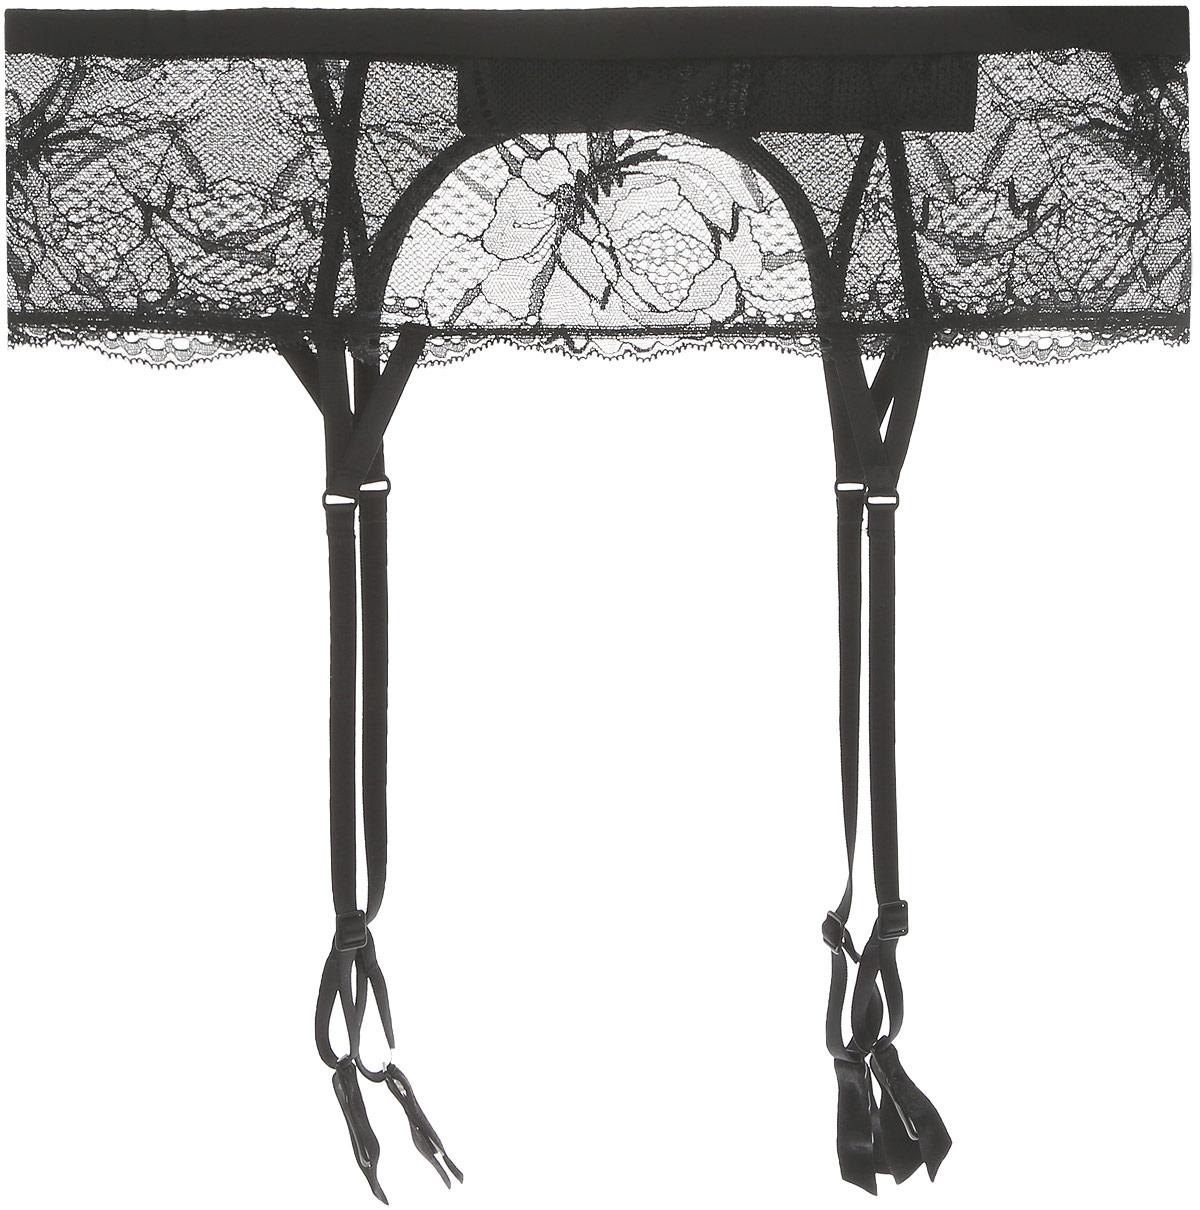 Пояс для чулок Calvin Klein Underwear, цвет: черный. QF4572E_001. Размер S (44) casmir ashley set лиф трусики и пояс для чулок